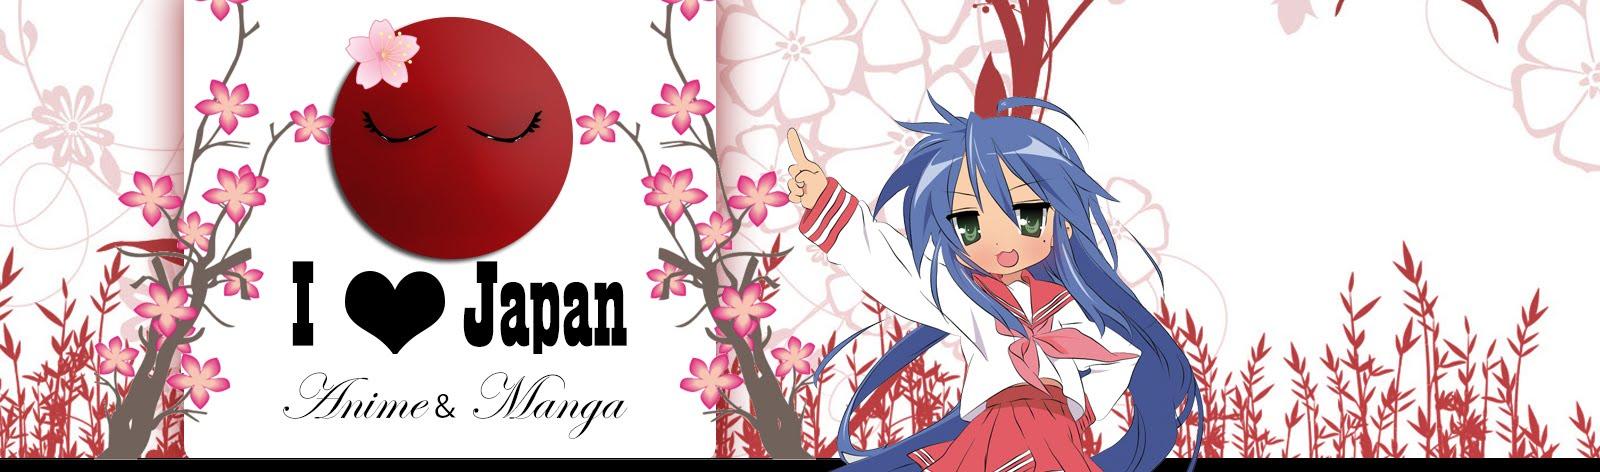 I ♥ Japan - Anime & Manga